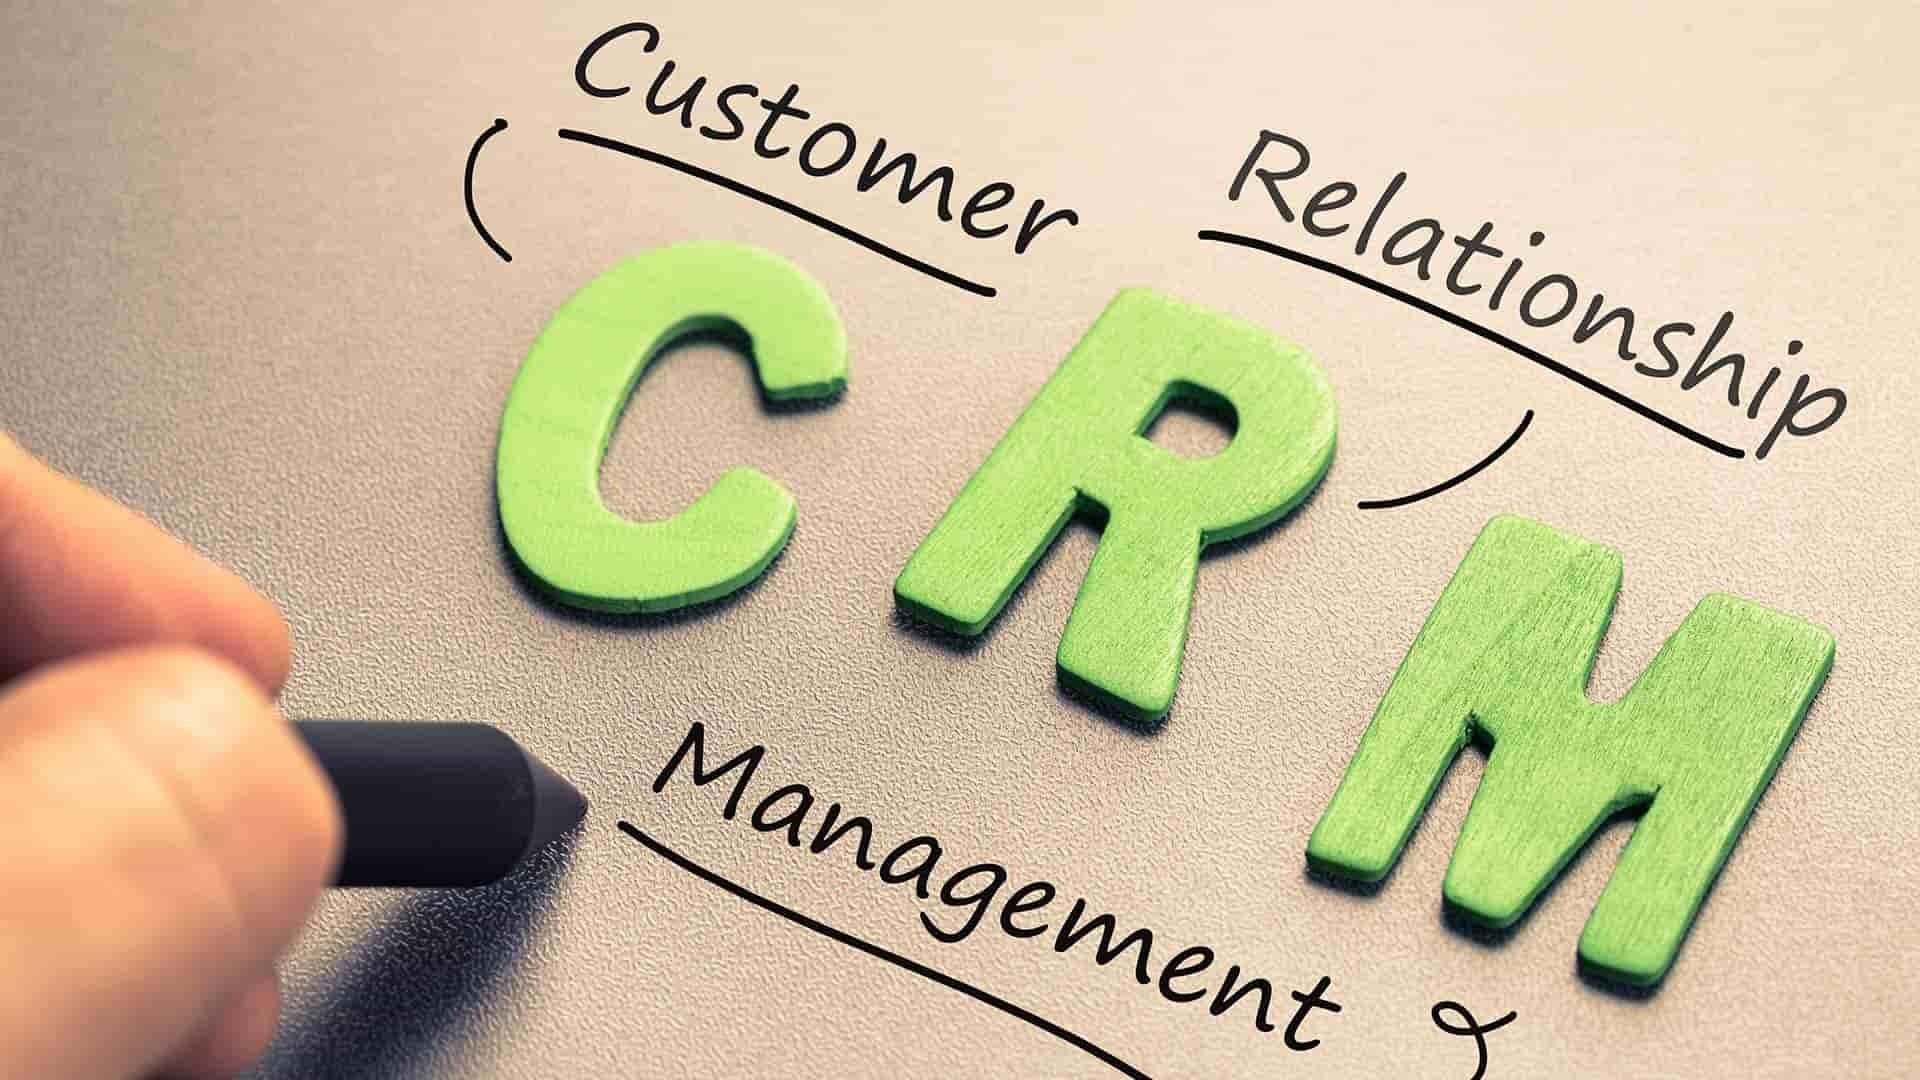 مزایای CRM | نرمافزار مدیریت ارتباط با مشتری چگونه باعث افزایش فروش میشود؟